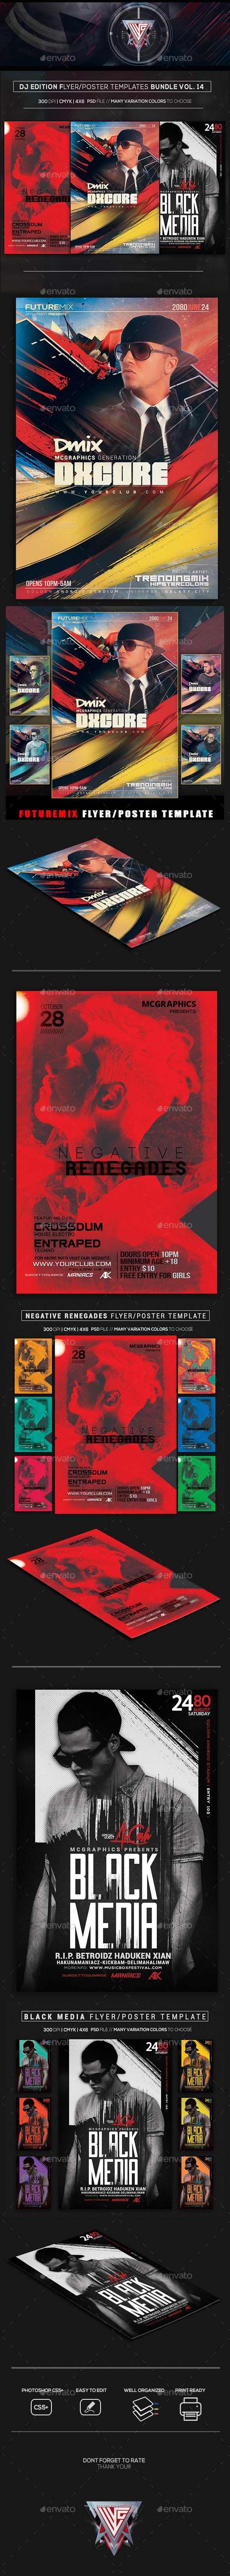 Guest DJ Party Flyer/Poster Bundle Vol. 14 - Clubs & Parties Events